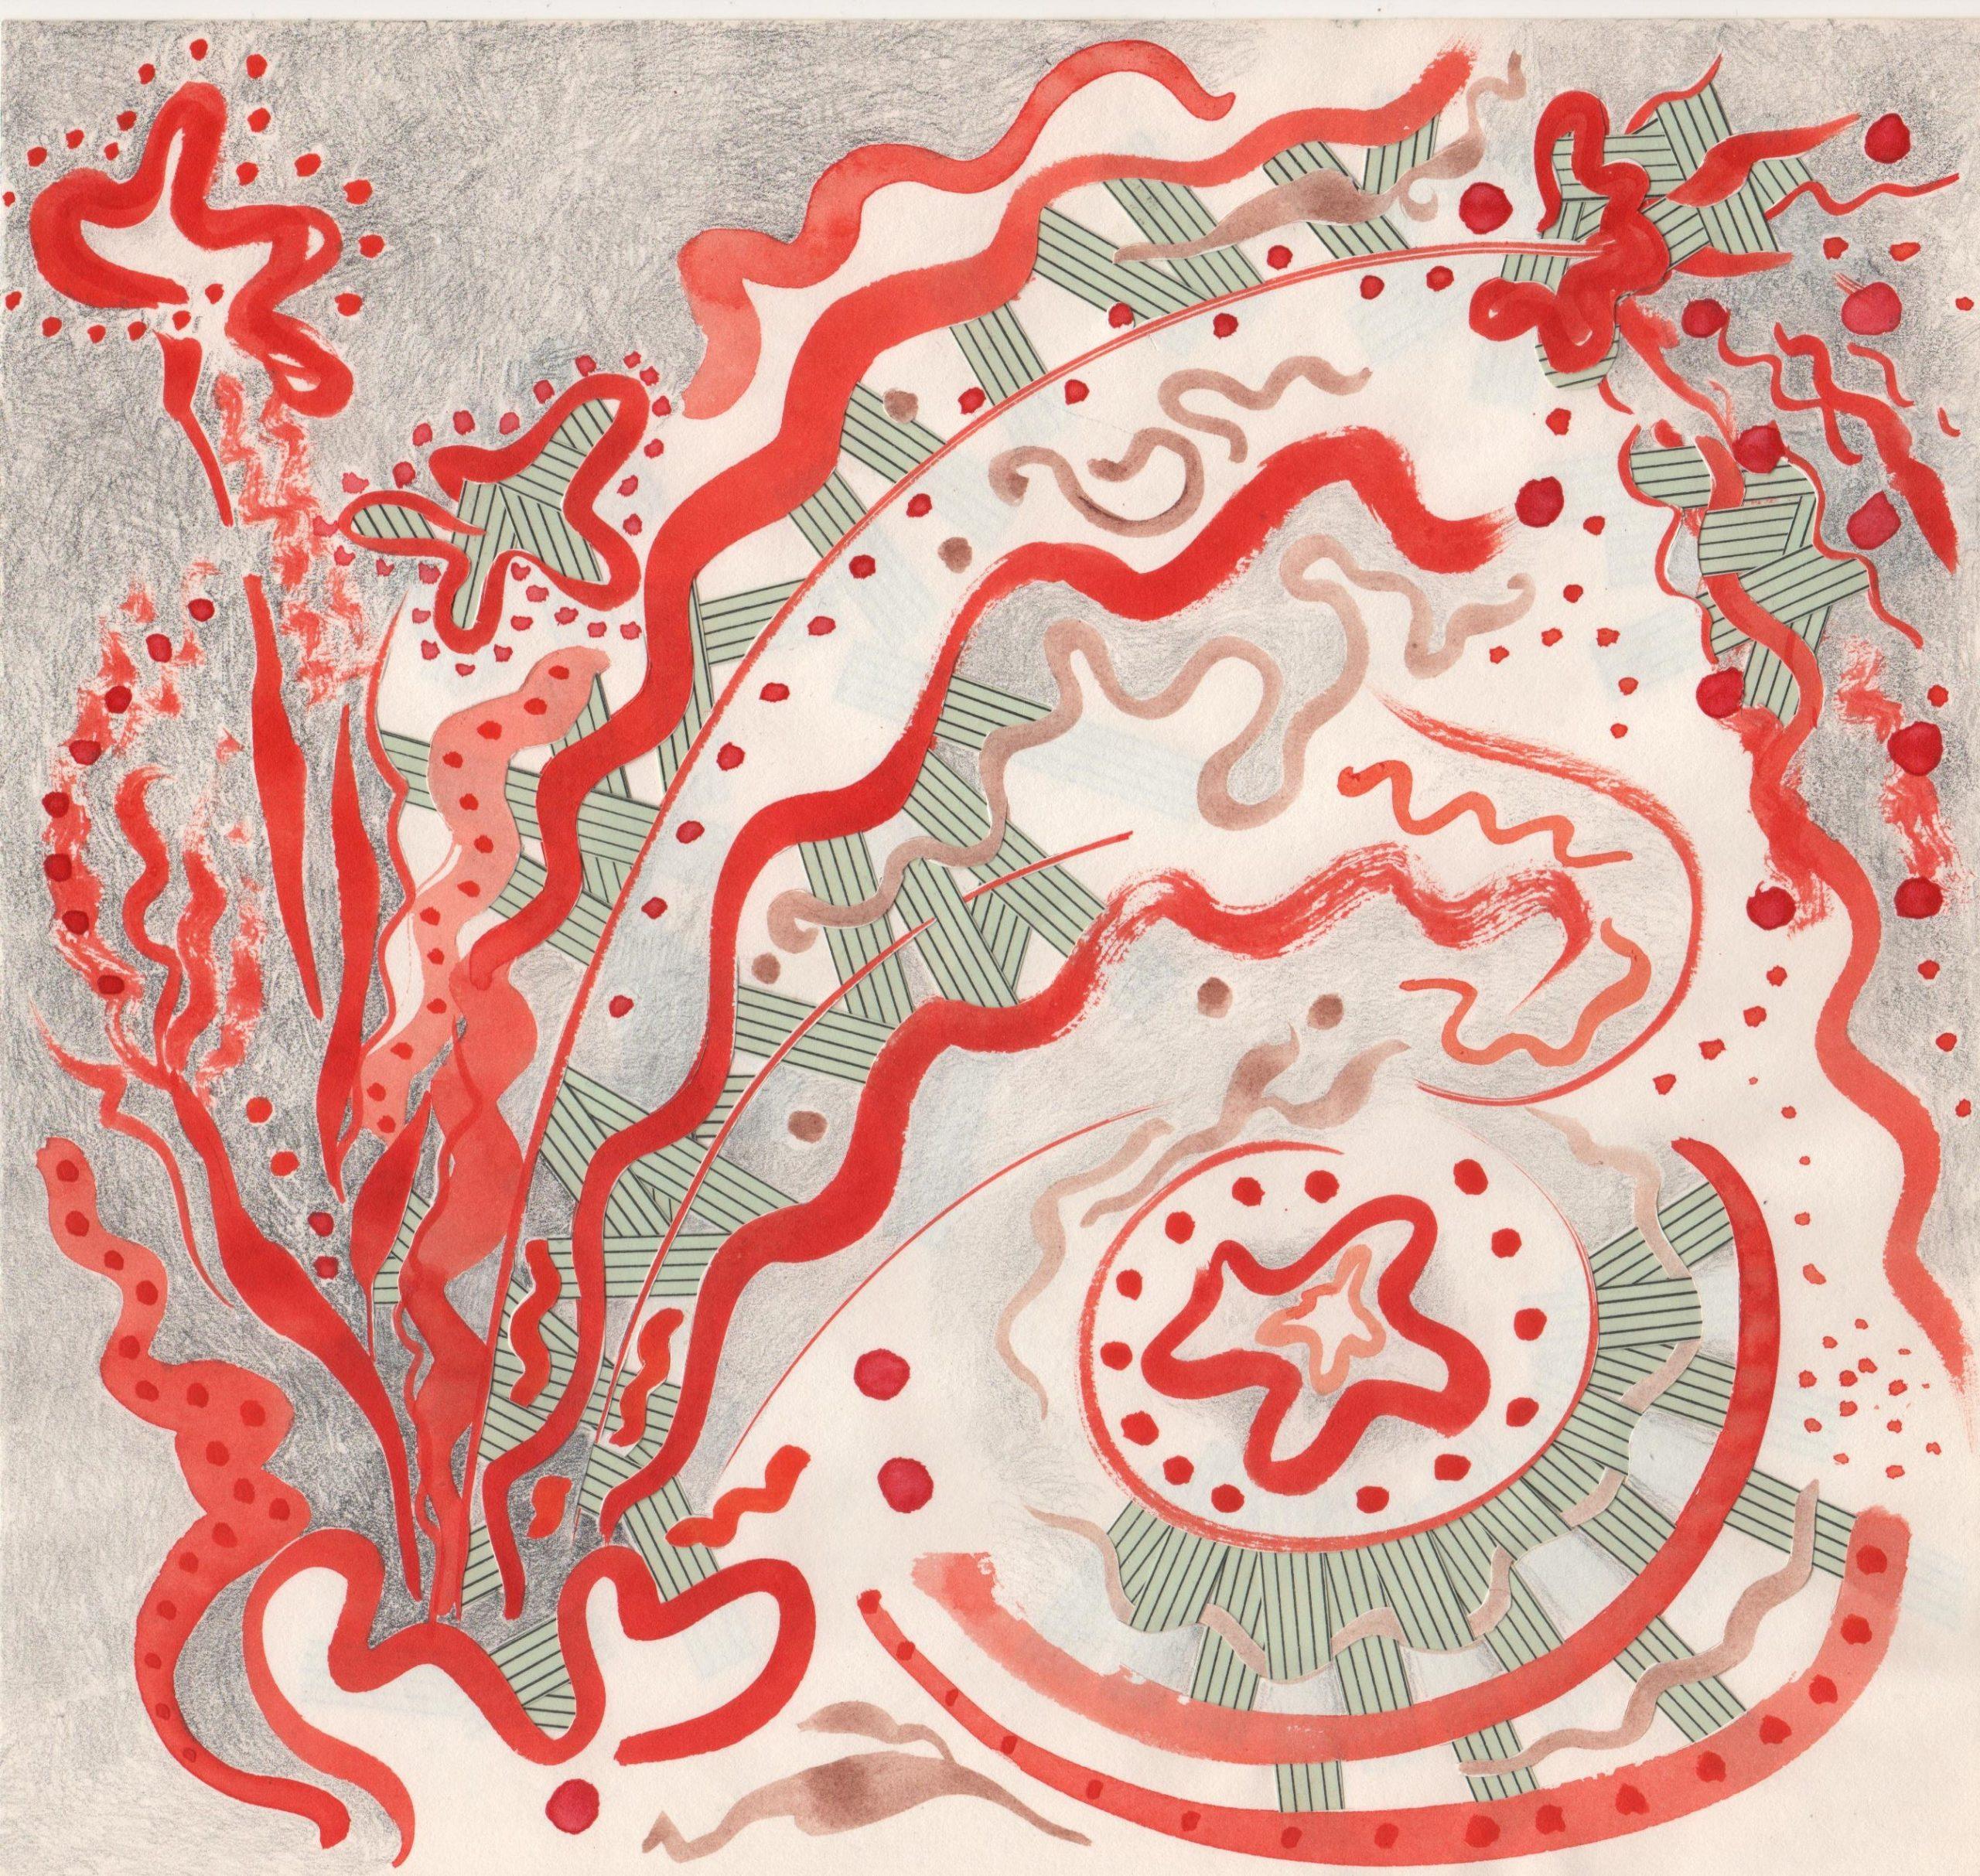 Red Blossom Fugue